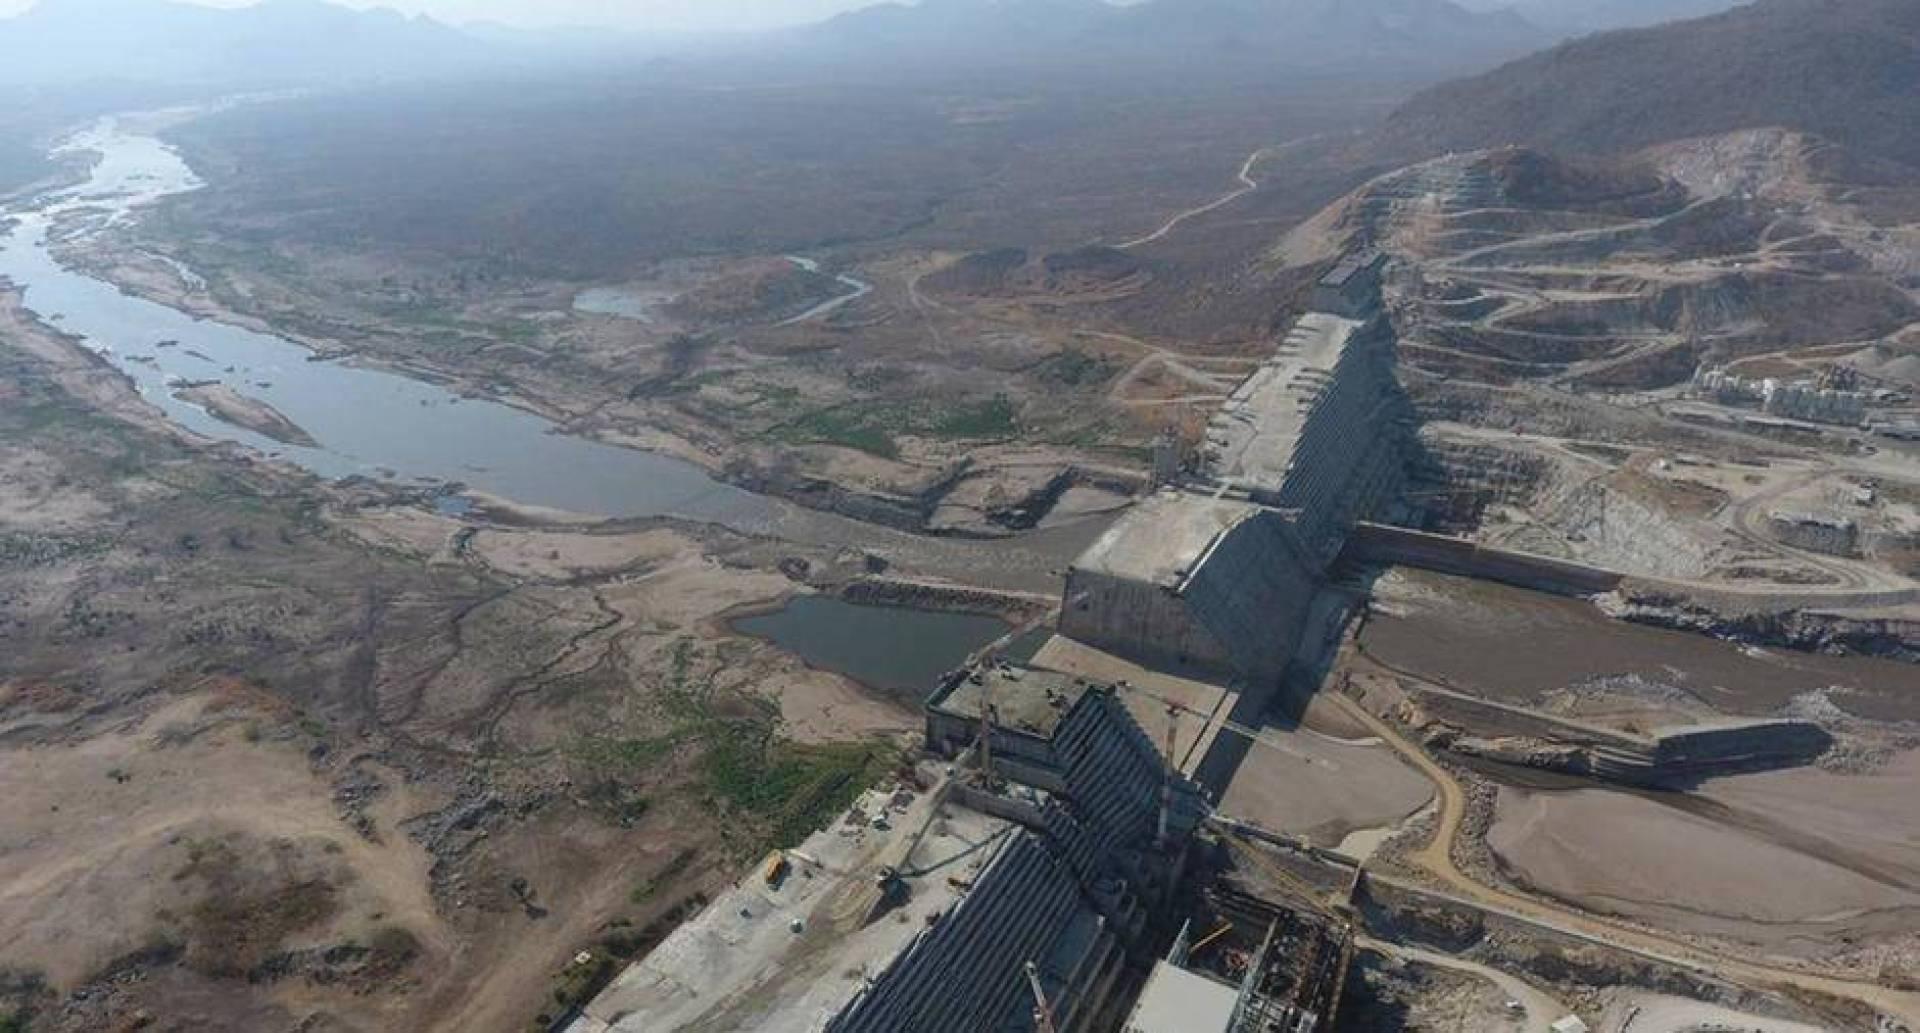 وزارة الري تعلن عن الخلافات الجوهرية حول بناء سد النهضة الإثيوبي